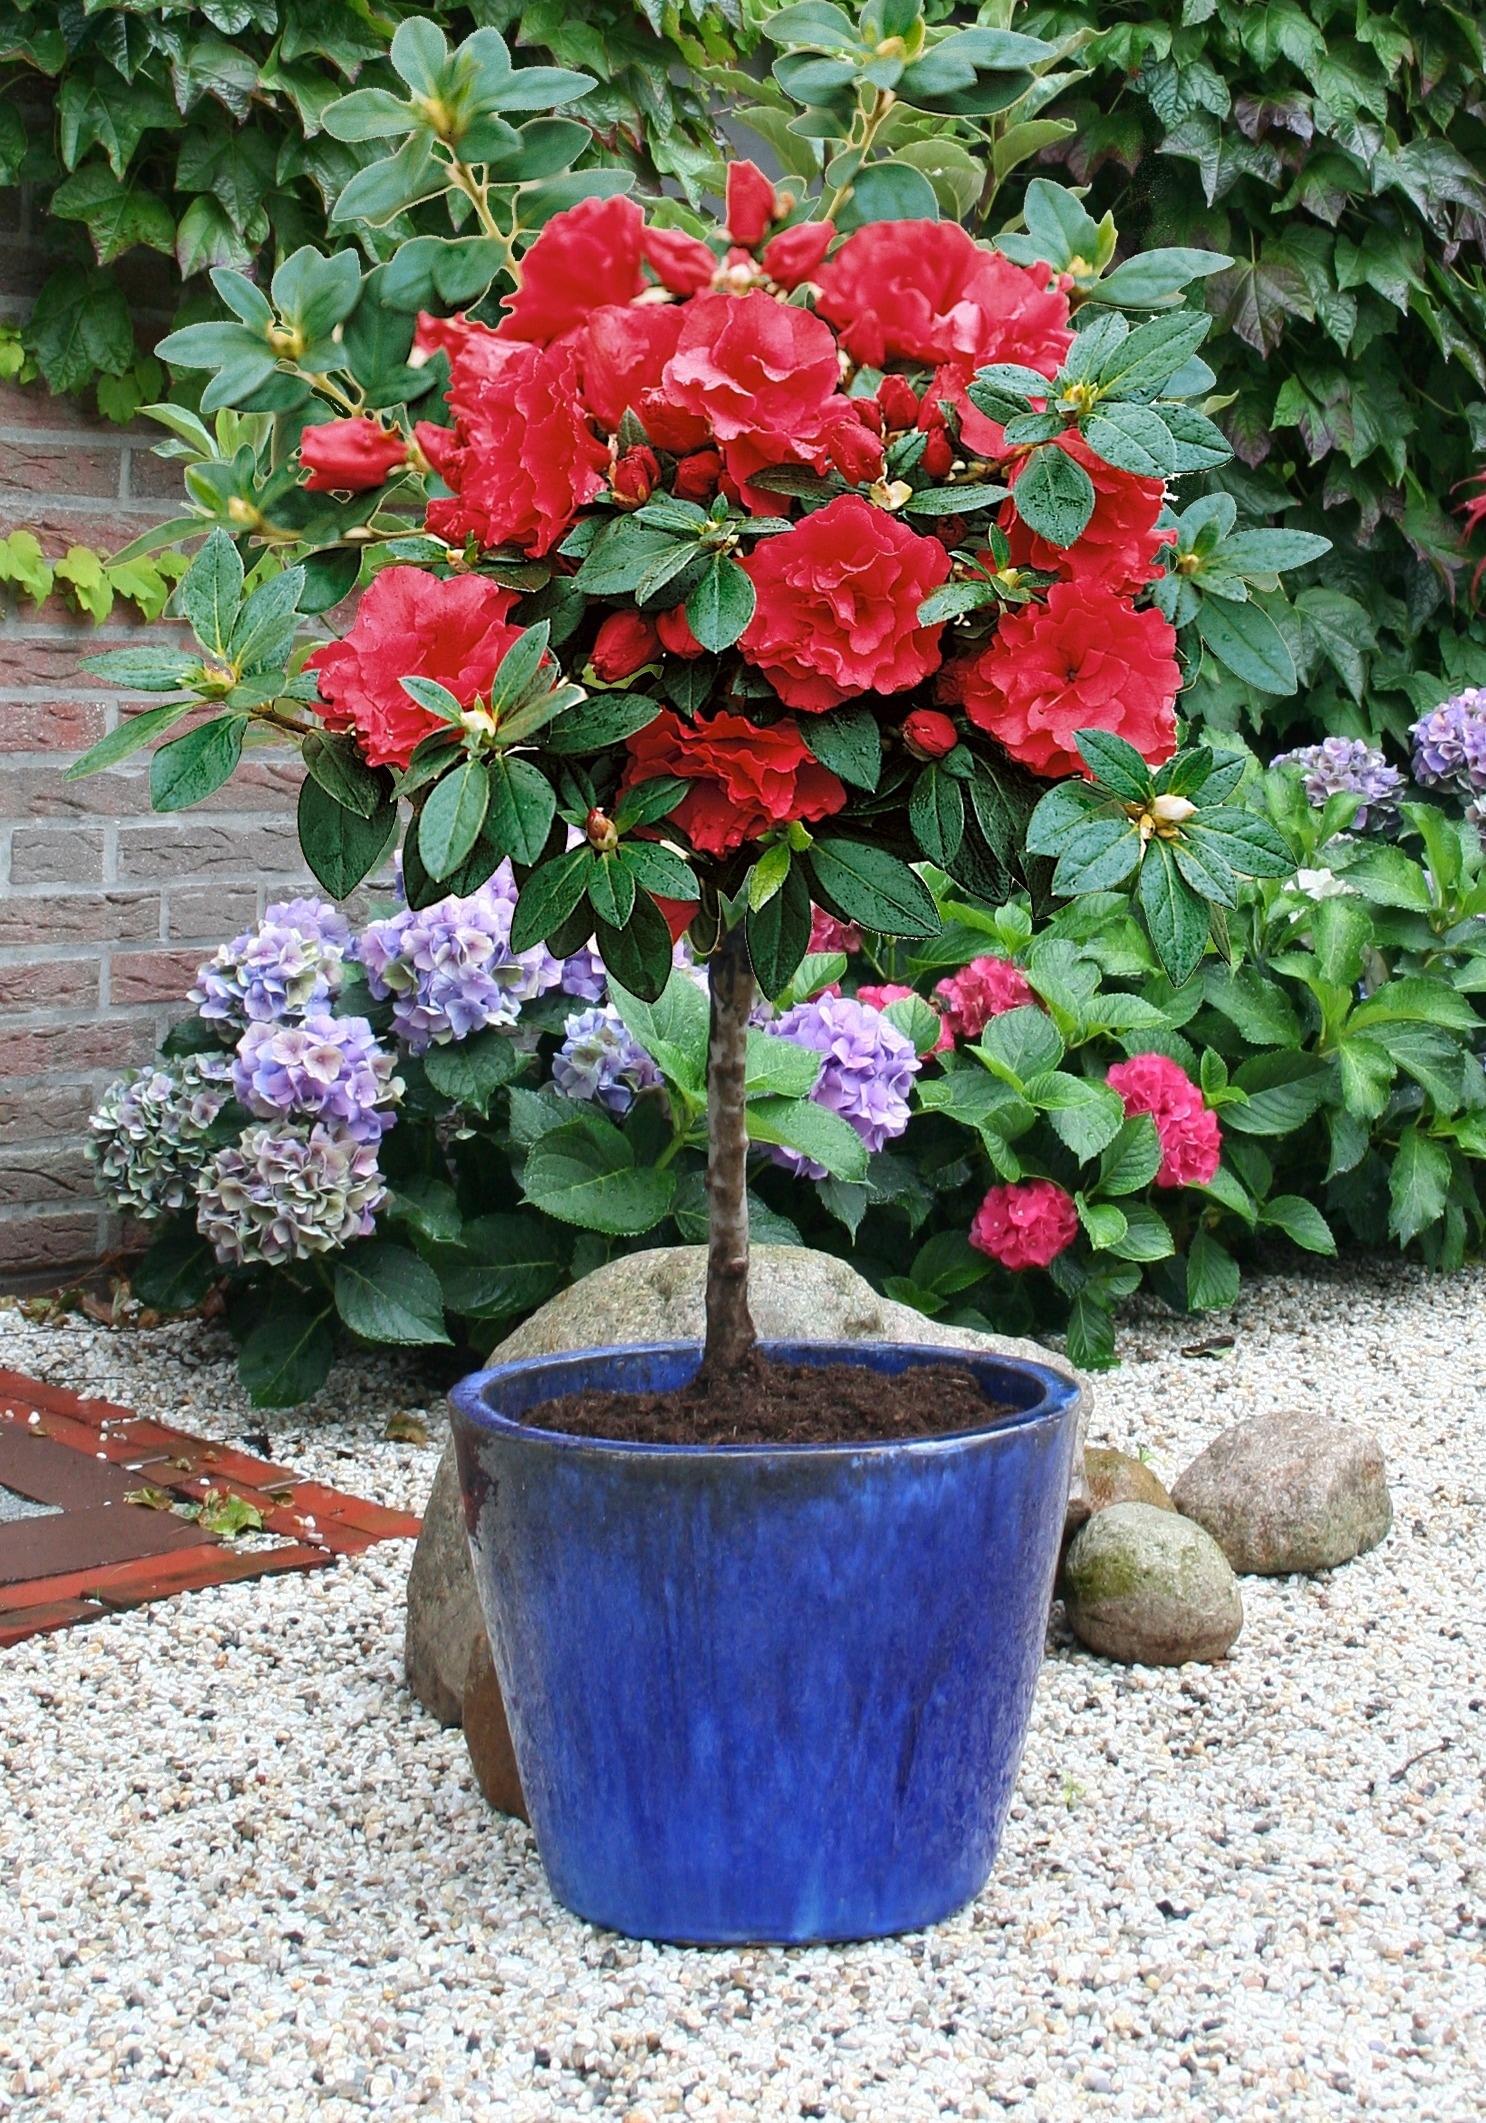 BCM Hecken Rhododendron Rhododendron-Stämmchen rot Heckenpflanzen Pflanzen Garten Balkon